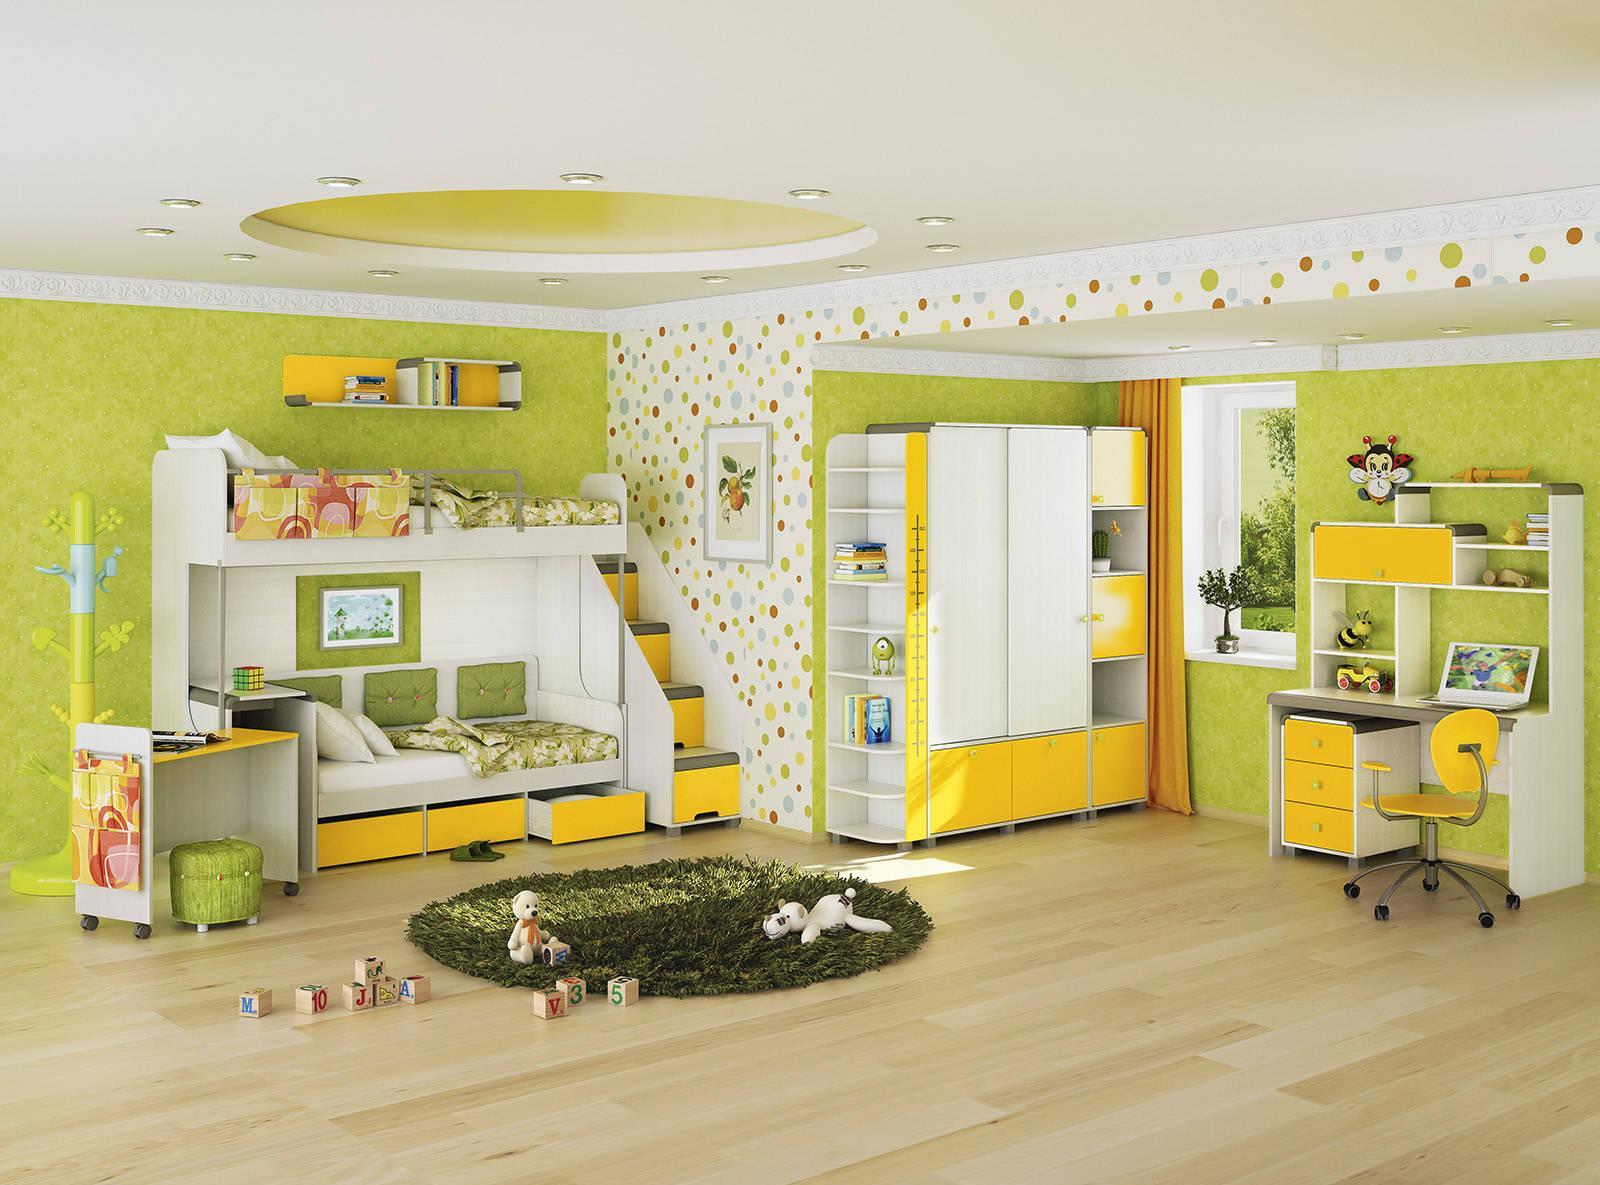 Желто-зеленая просторная детская для двух детей